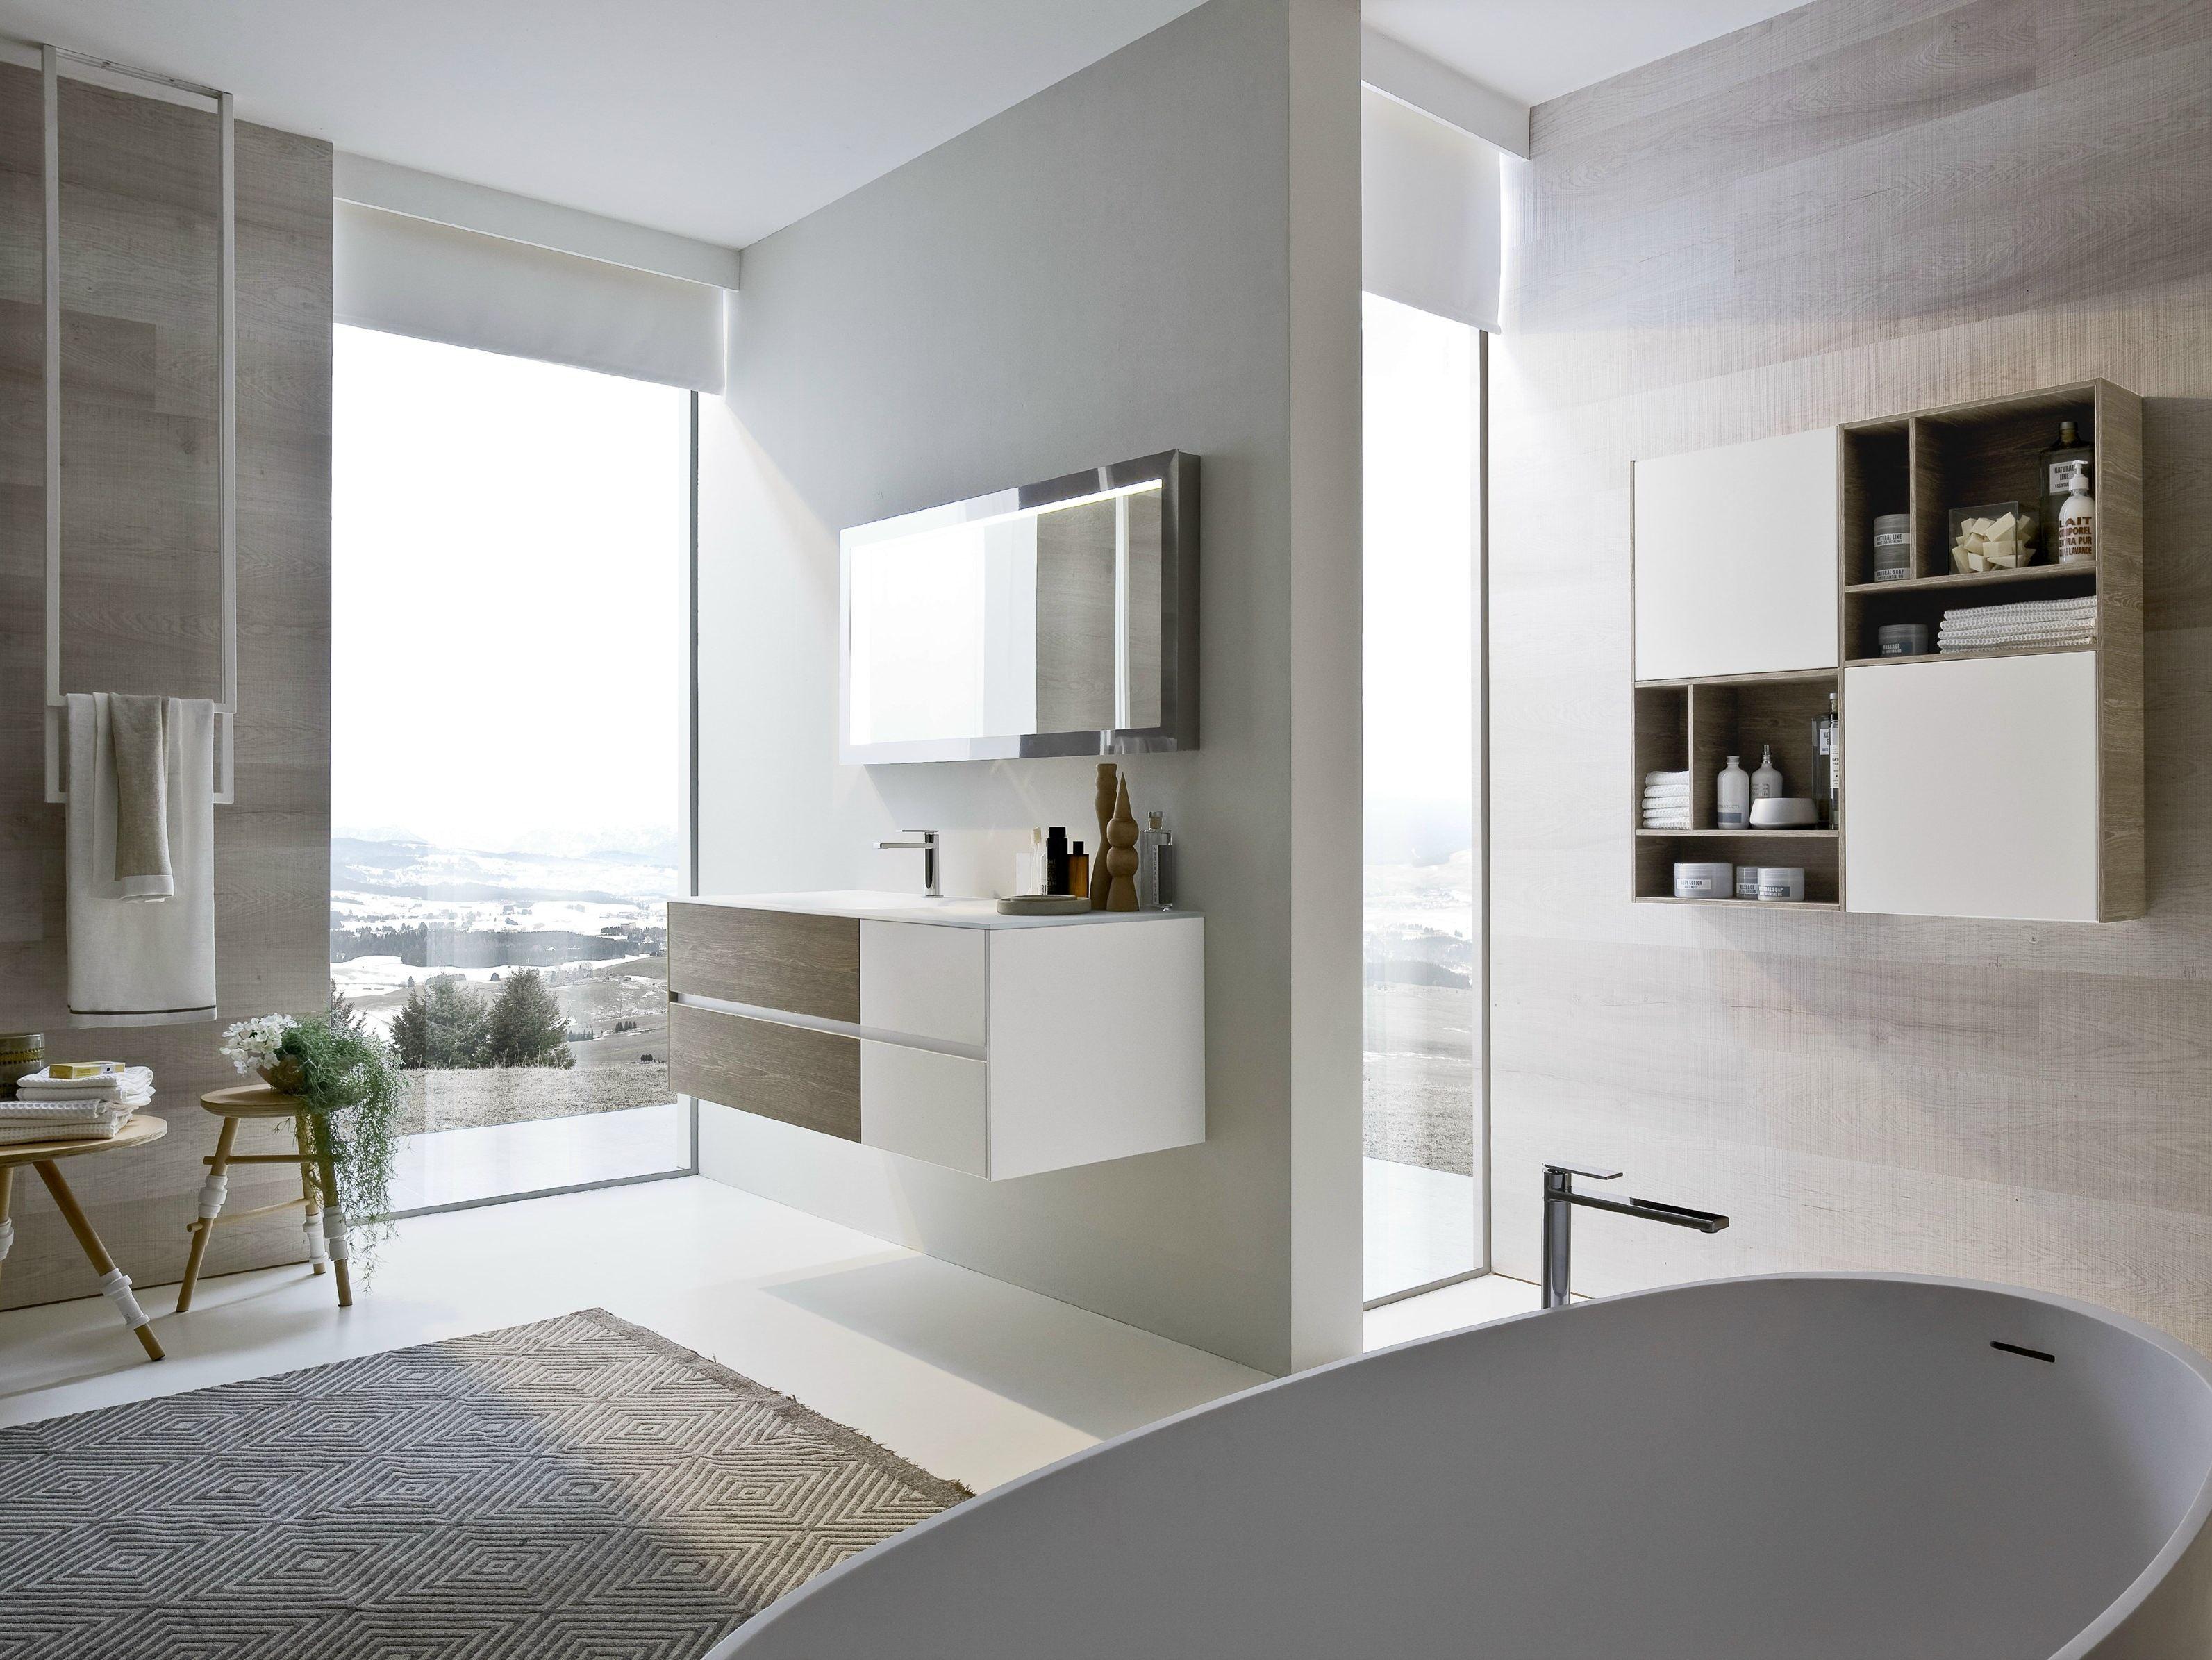 Nyù, la collezione di arredo bagno di IdeaGroup nata per disegnare nuovi spazi personali.